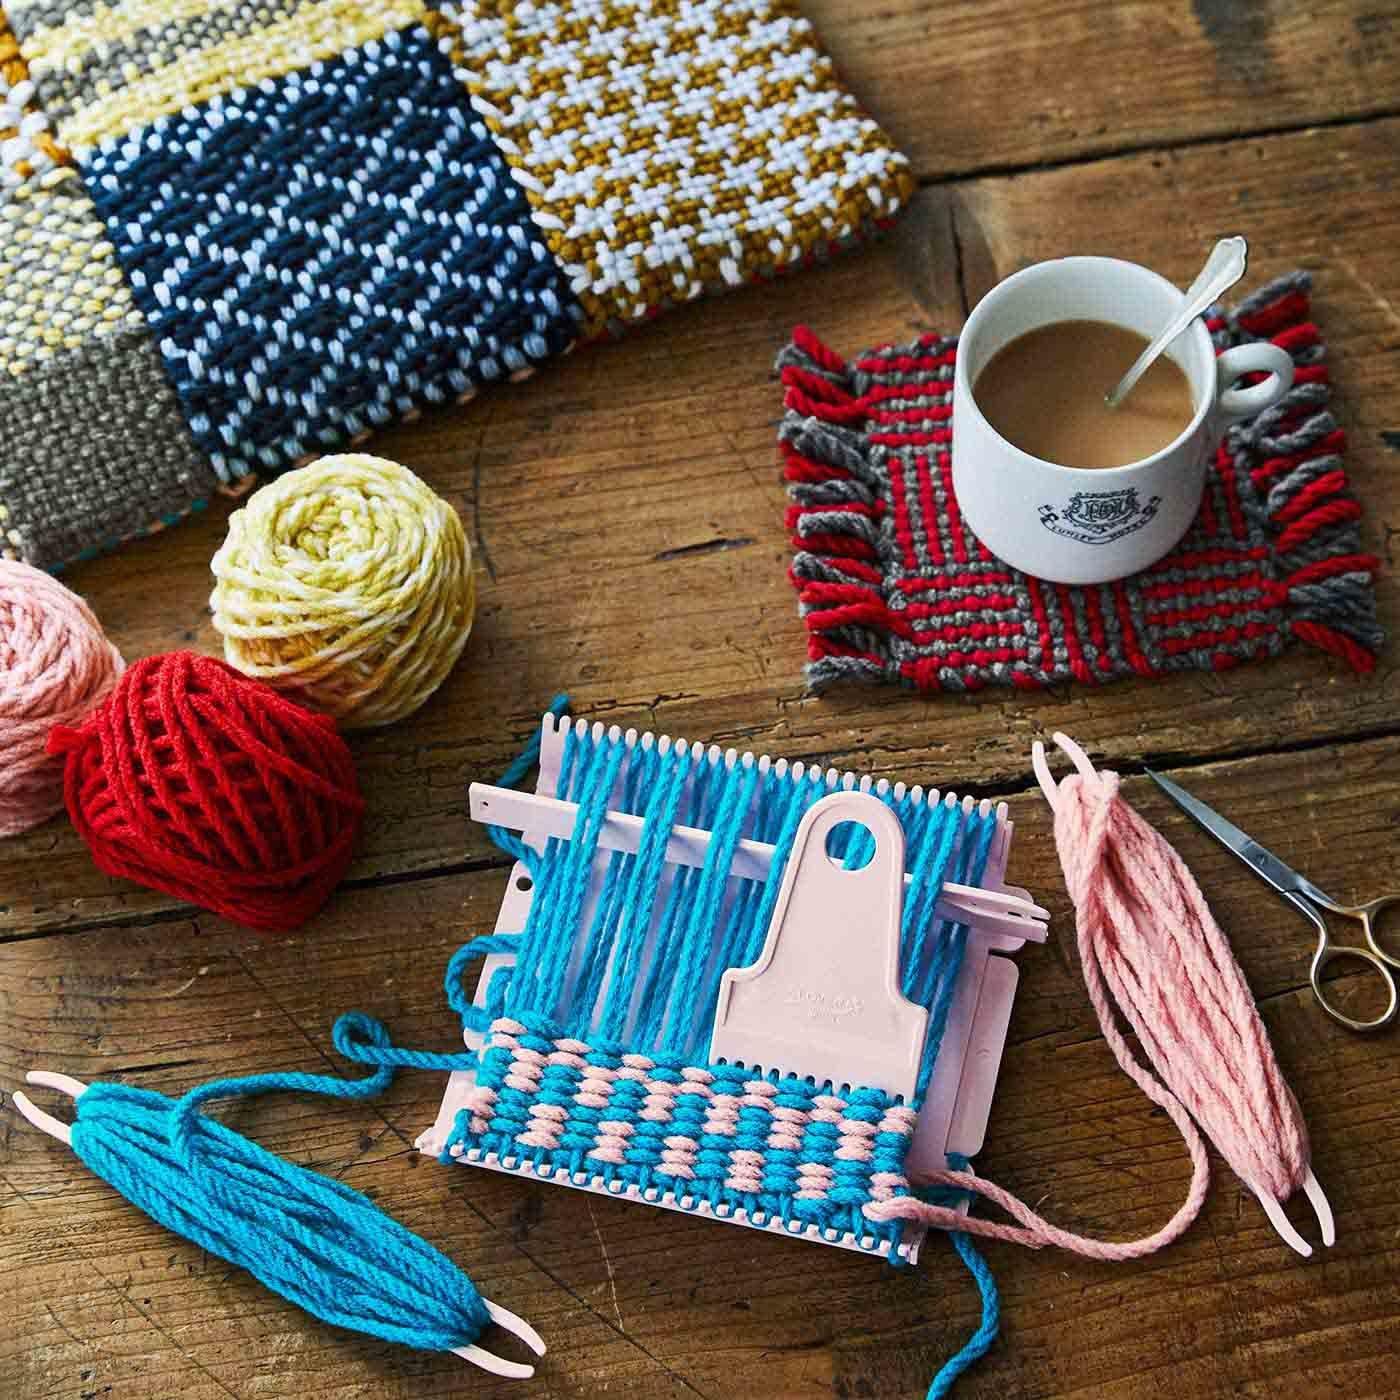 私にも作れる! 模様が楽しい 手織りのコースターの会